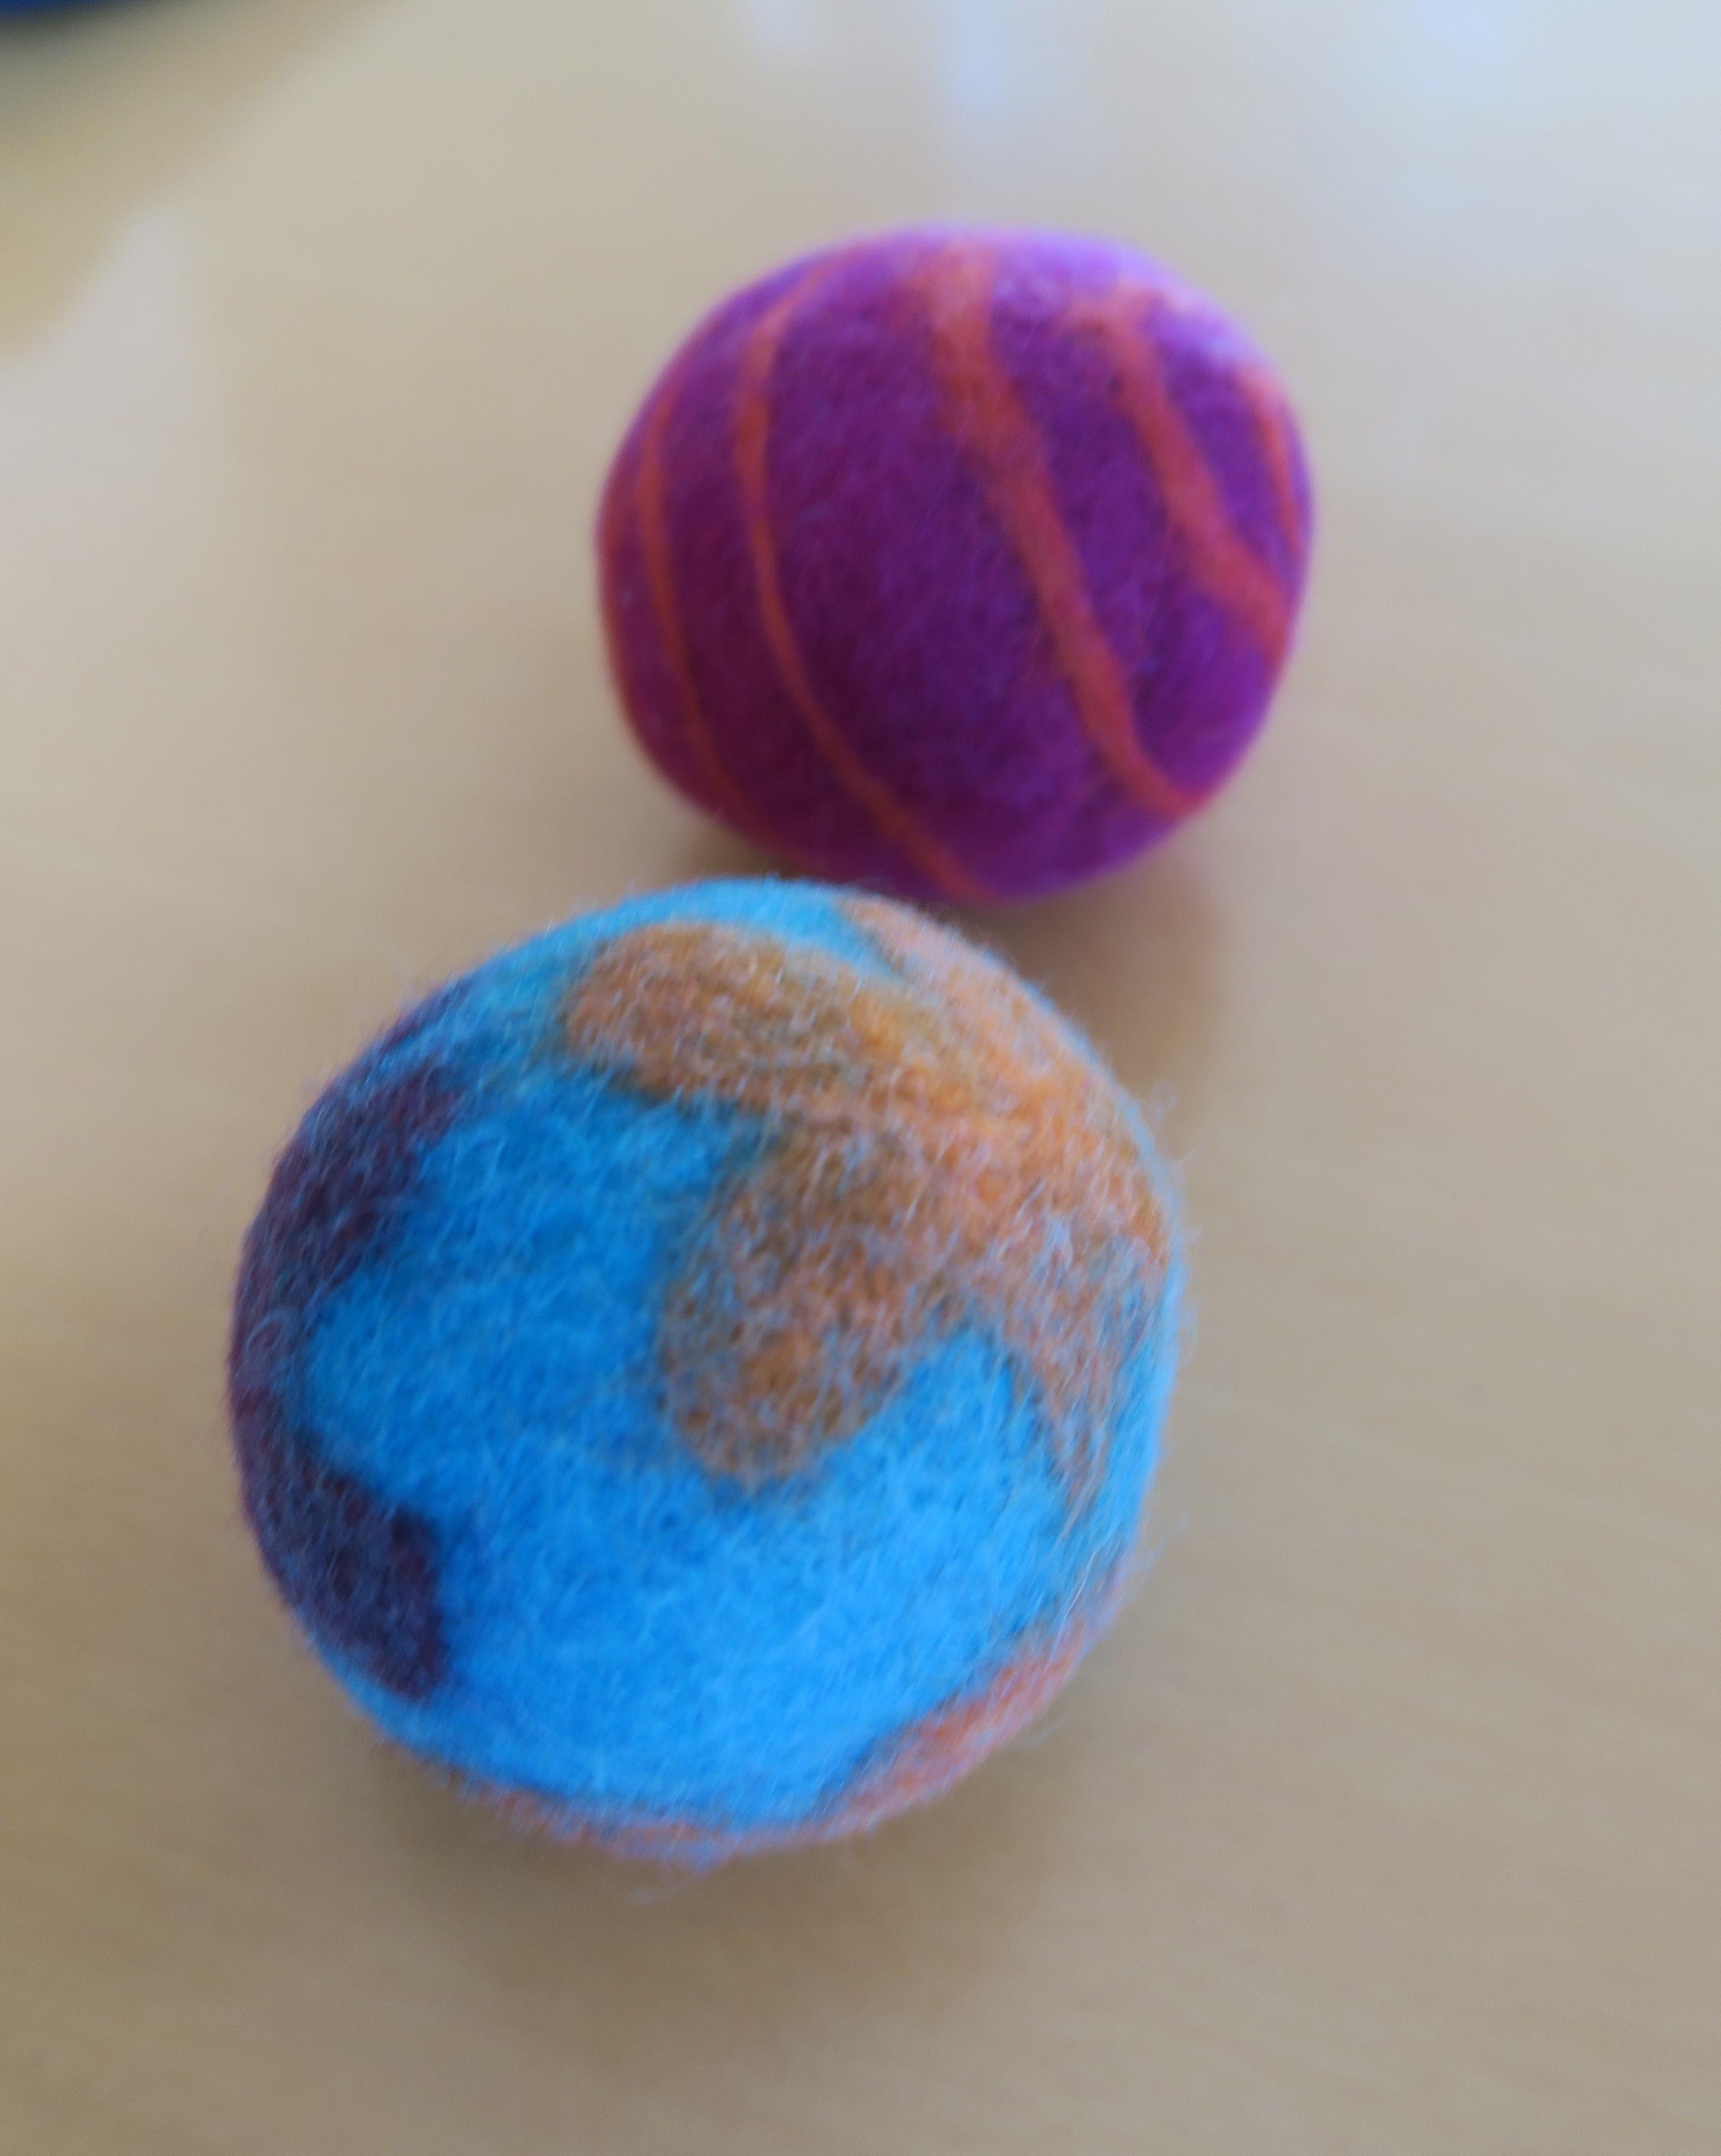 Ajeeさんの羊毛フェルトボール